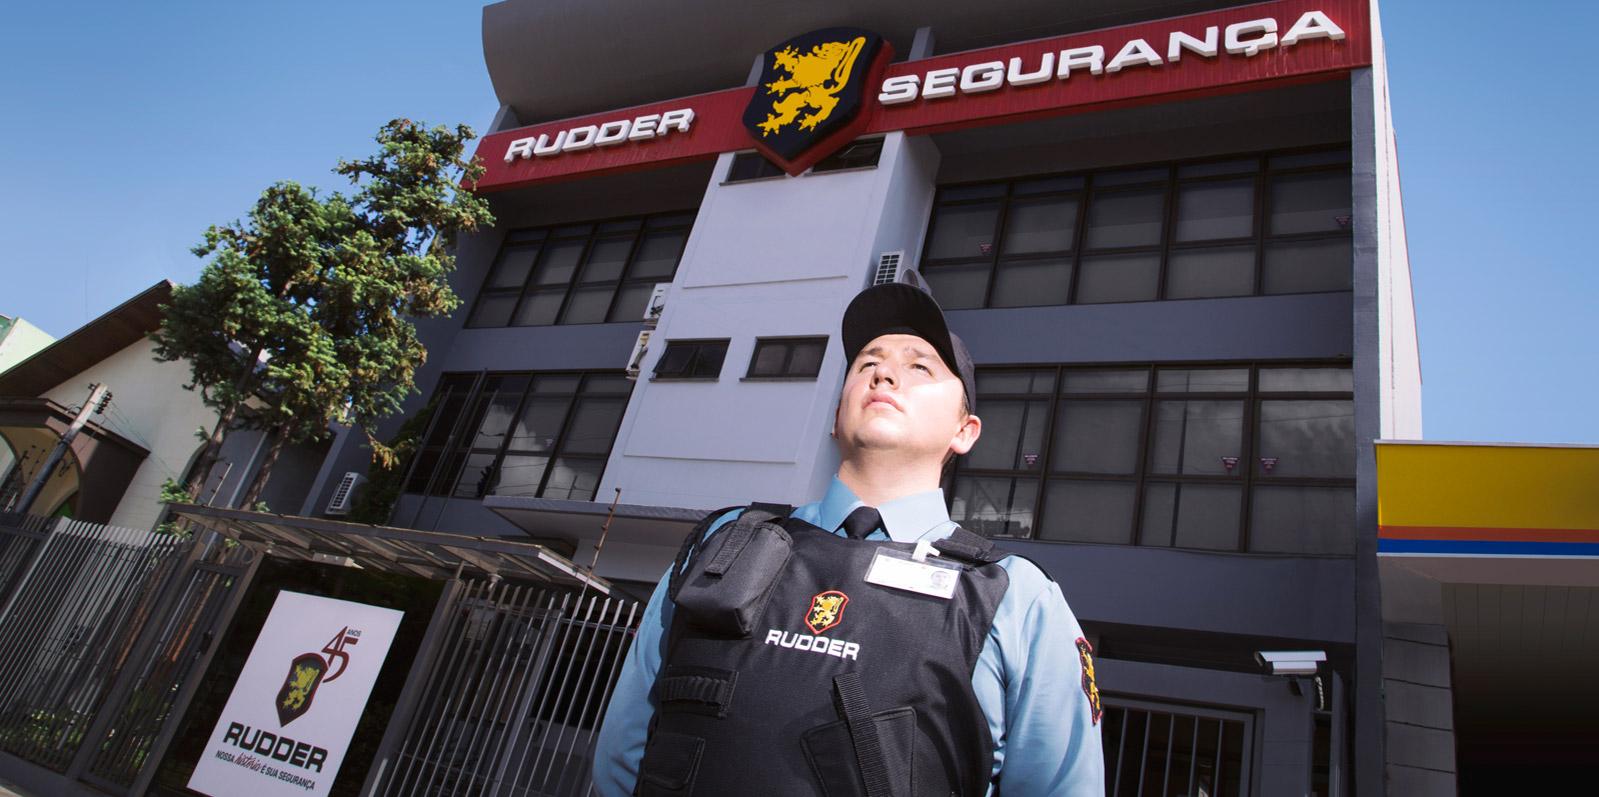 Agente de segurança em frente à prédio comercial